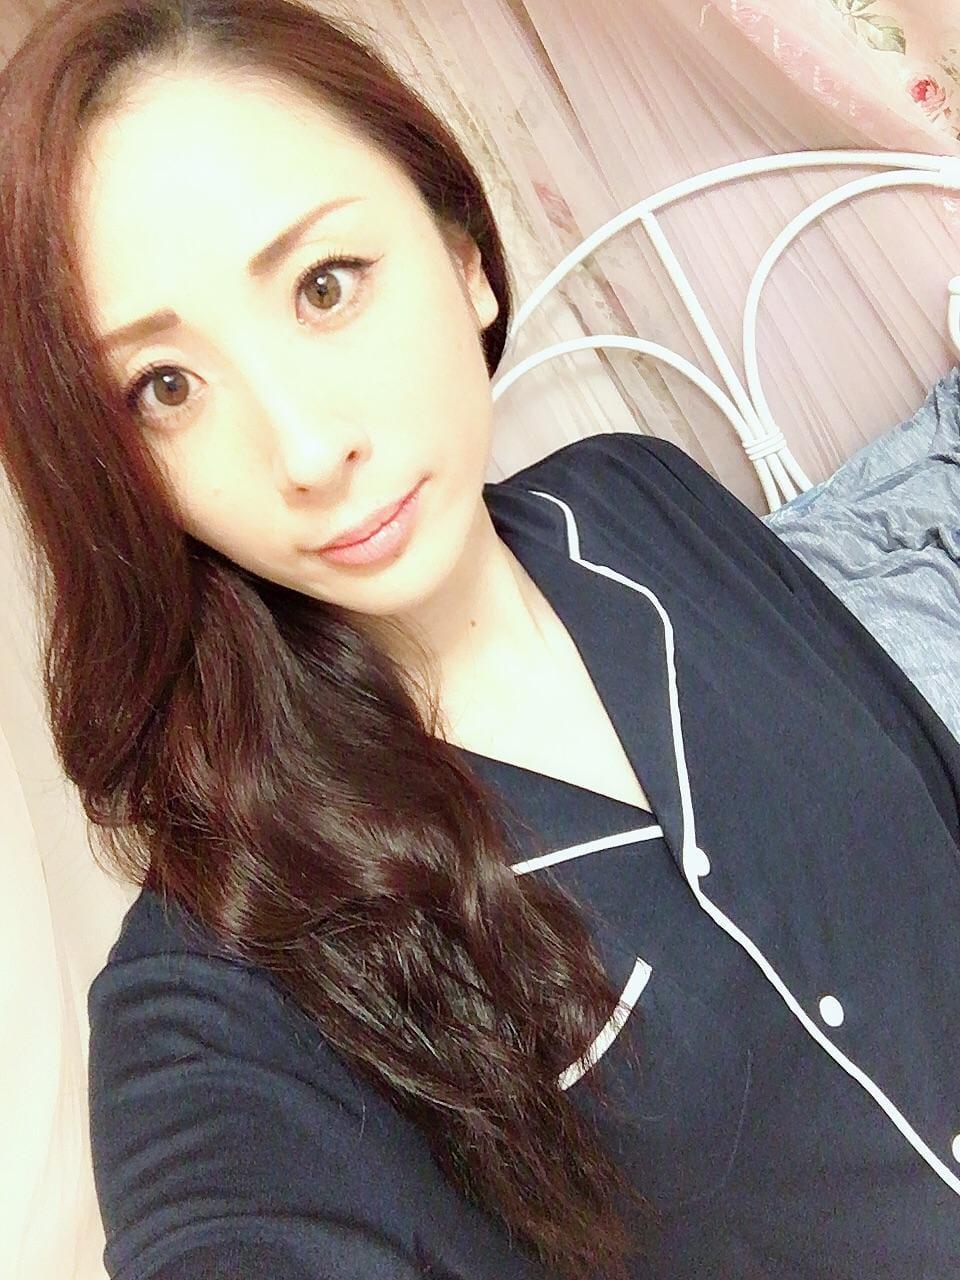 「おはようございます!!」10/04(木) 07:12 | えみりの写メ・風俗動画